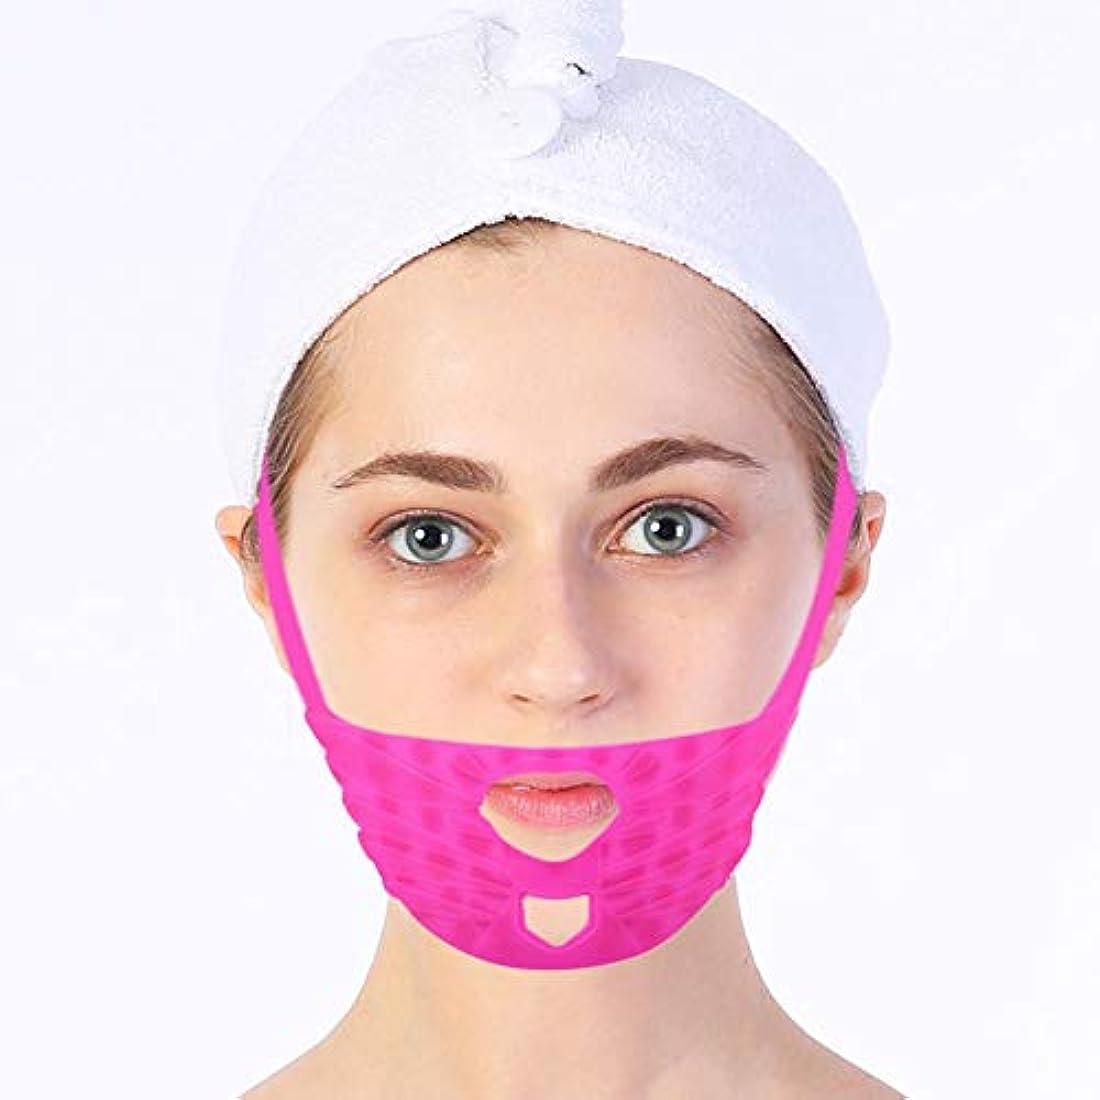 以内に実施するロデオSemmeフェイシャルリフティング引き締め痩身マスク、マッサージフェイスシリコン包帯Vラインマスク首の圧縮二重あご、変更ダブルチェーンマスク引き締まった肌を減らす